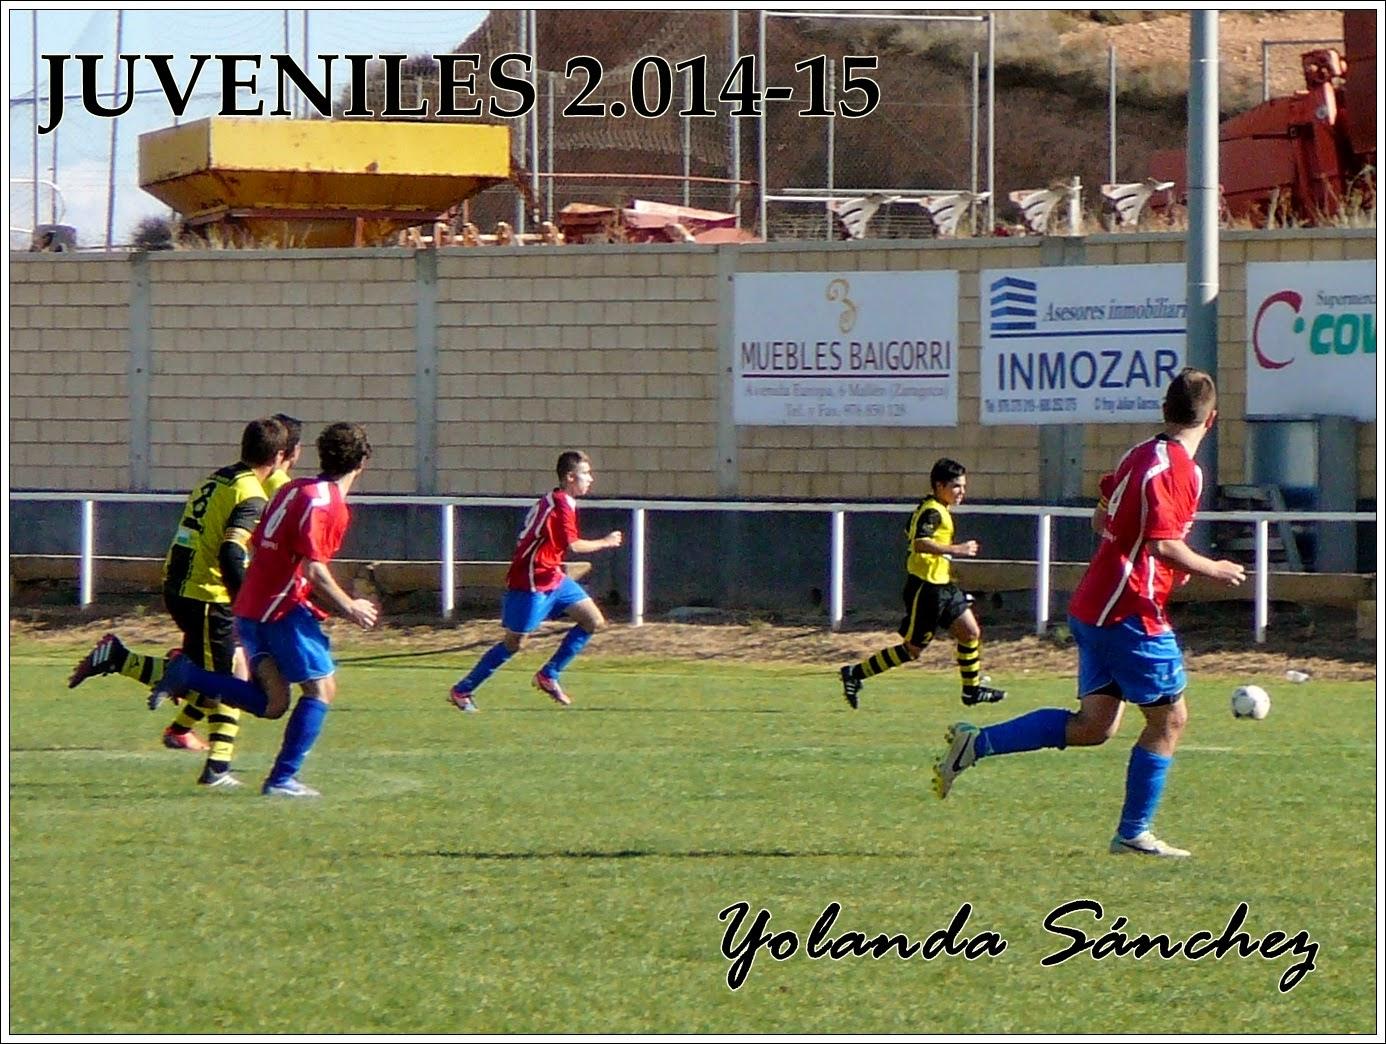 Yolanda Futbol Noviembre 2014 # Muebles Baigorri